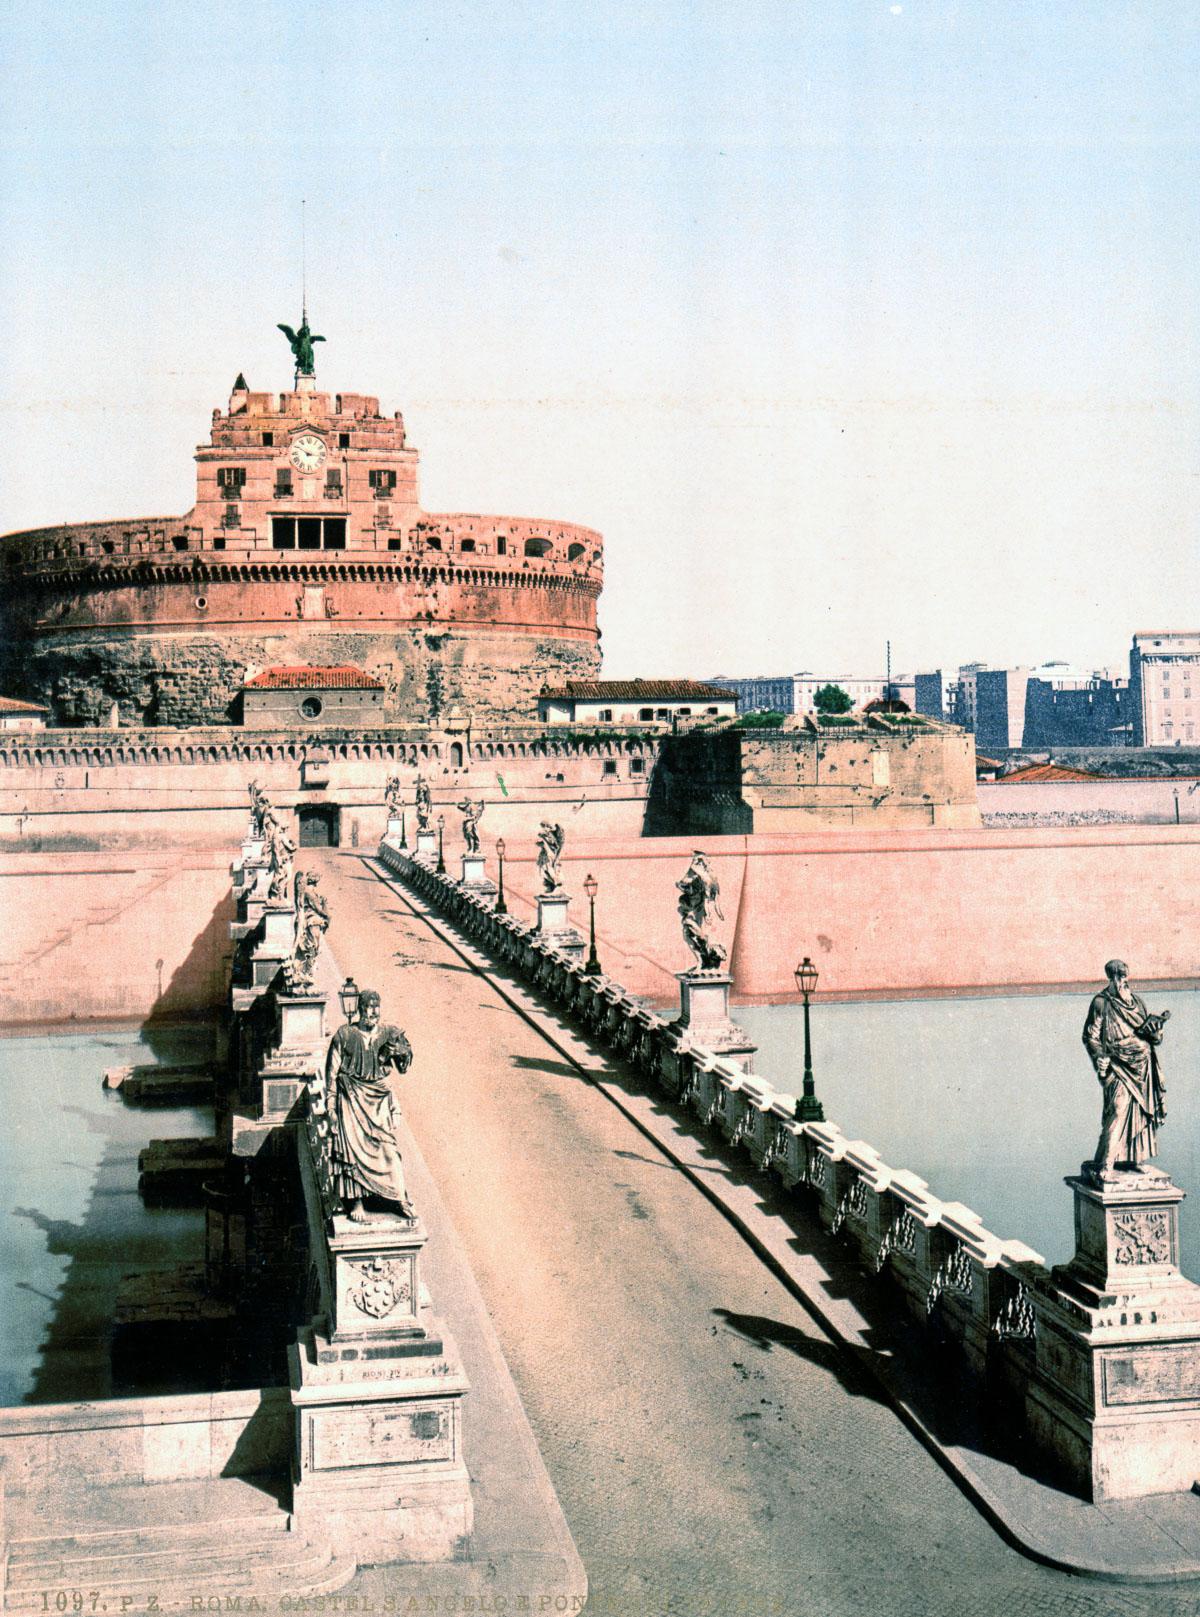 dostoprimechatelnosti Rima starye otkrytki 19